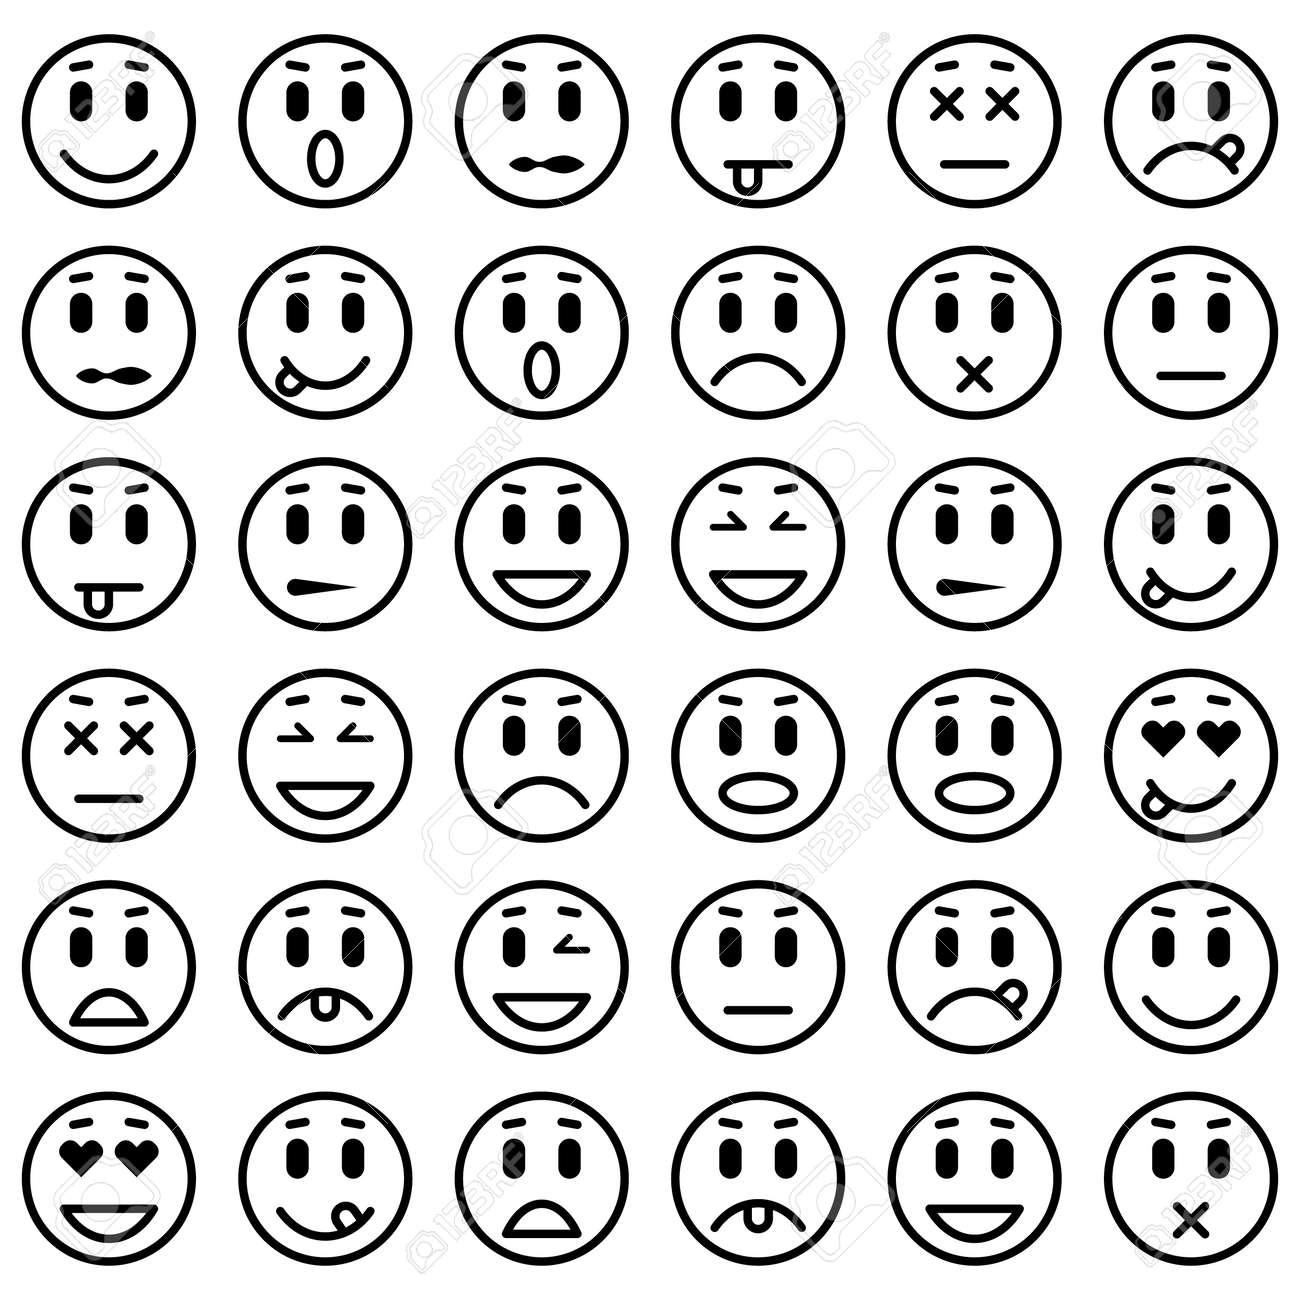 emoji vector